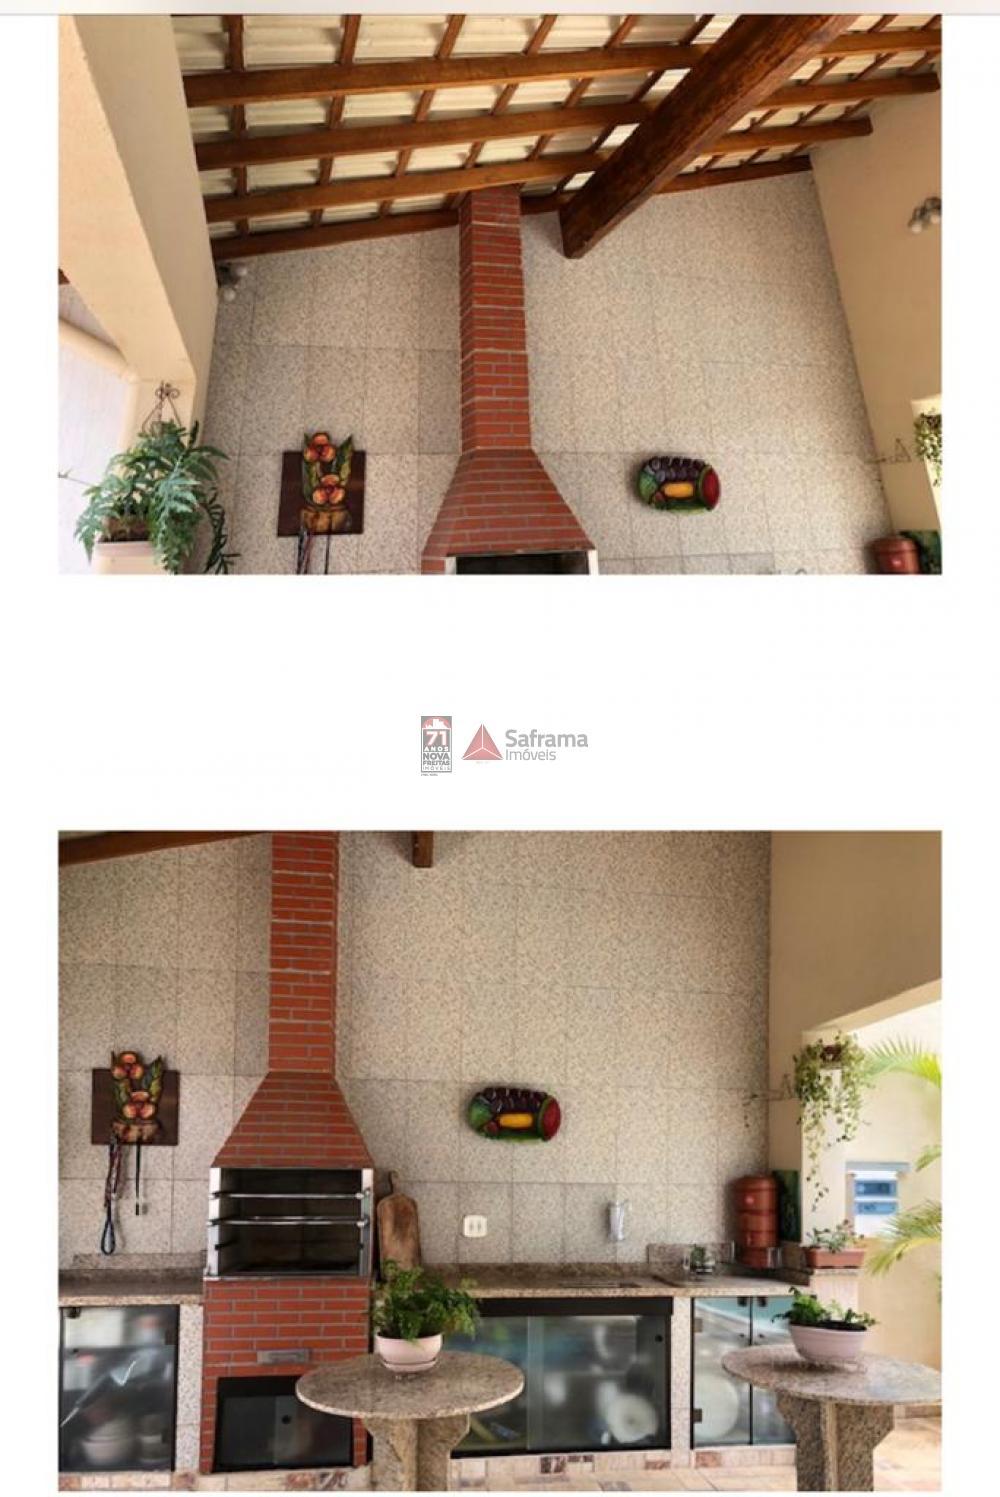 Comprar Casa / Sobrado em Aparecida apenas R$ 999.000,00 - Foto 14